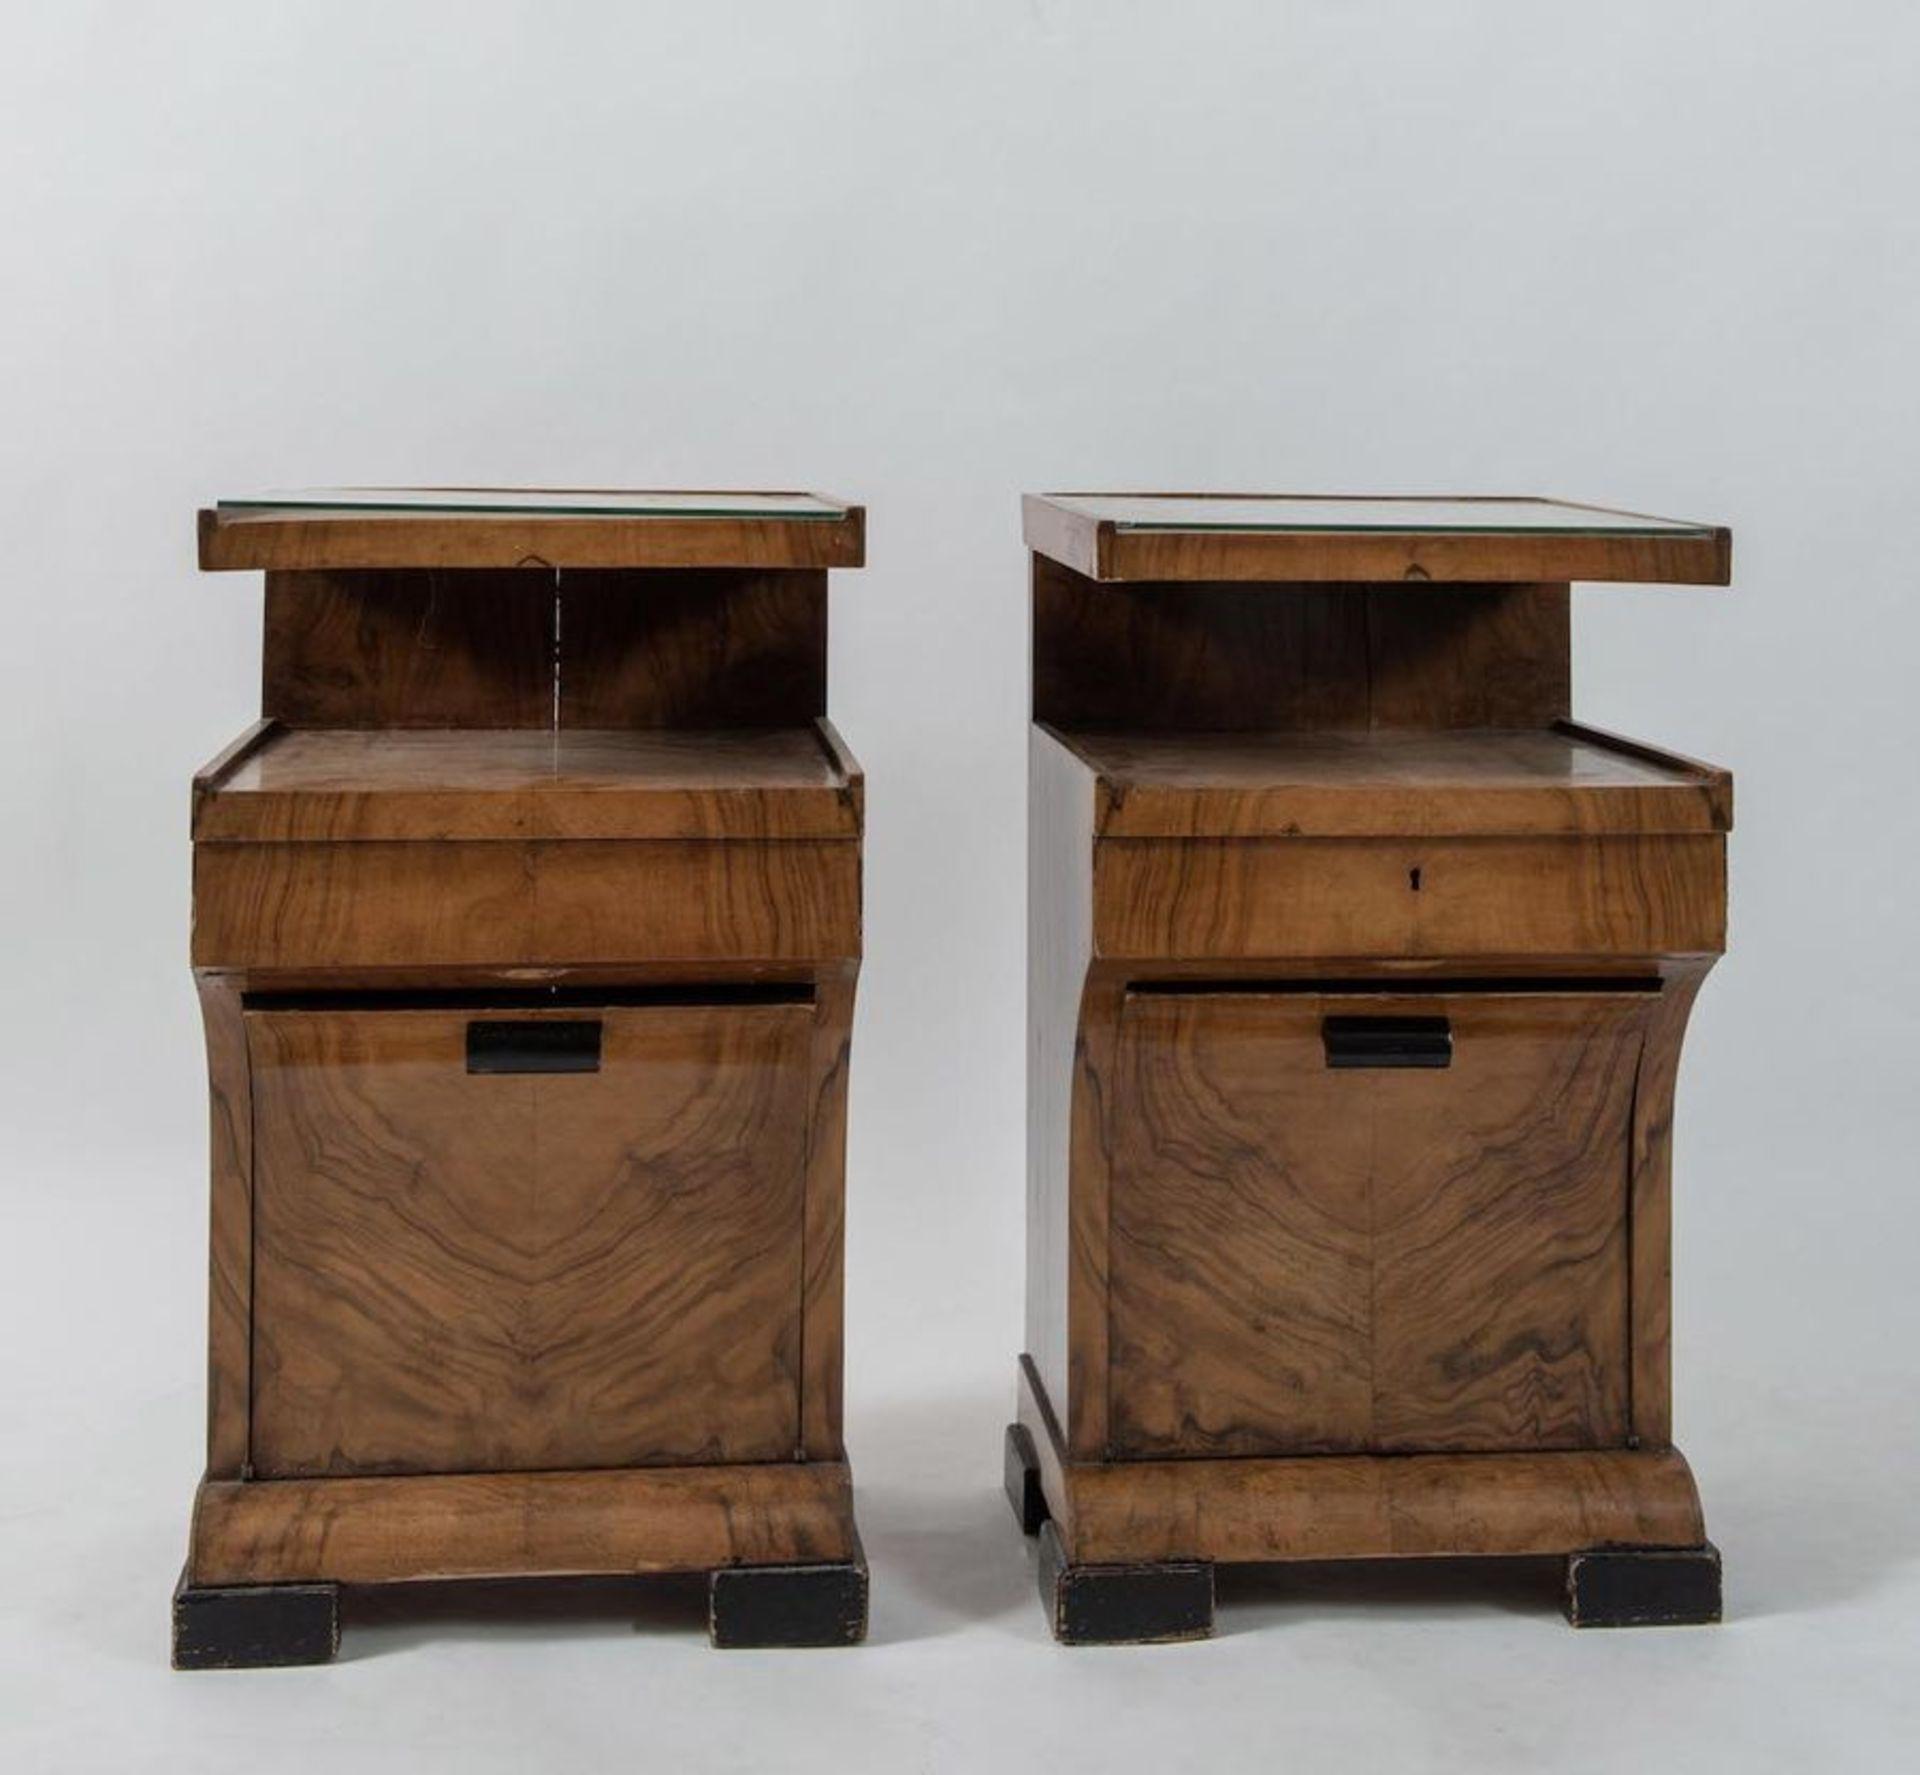 Coppia di comodini in legno con piano in vetro. Prod. Italia, 1940 ca. Cadauno di cm 72x41,5x41,5. - Bild 2 aus 3